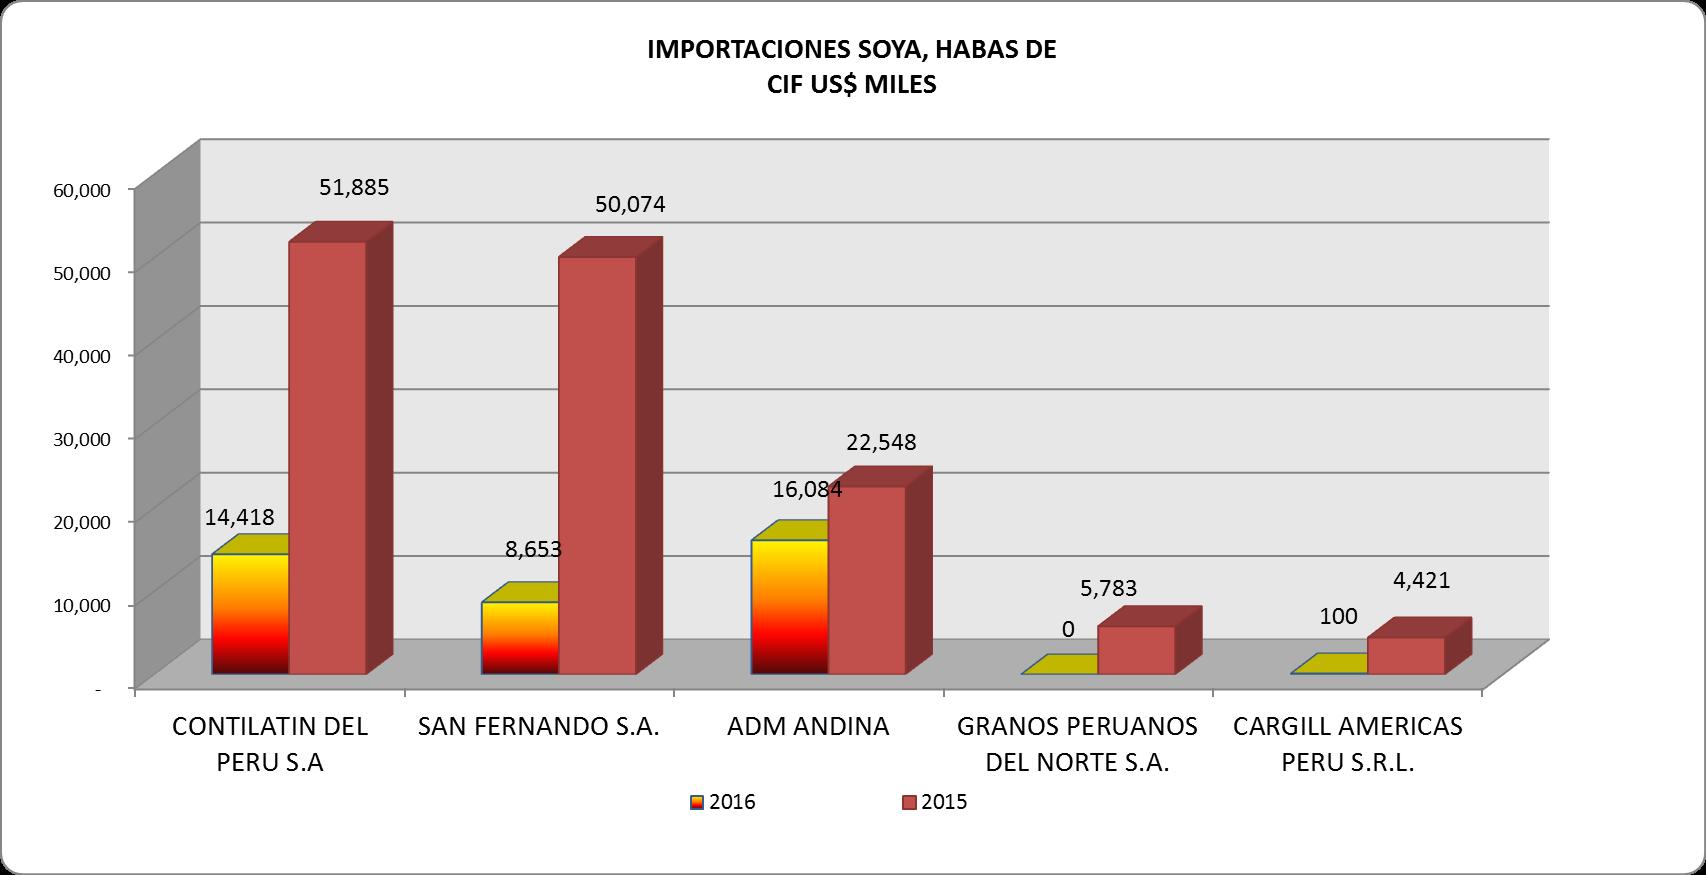 Soya Grano Perú Importación 2016